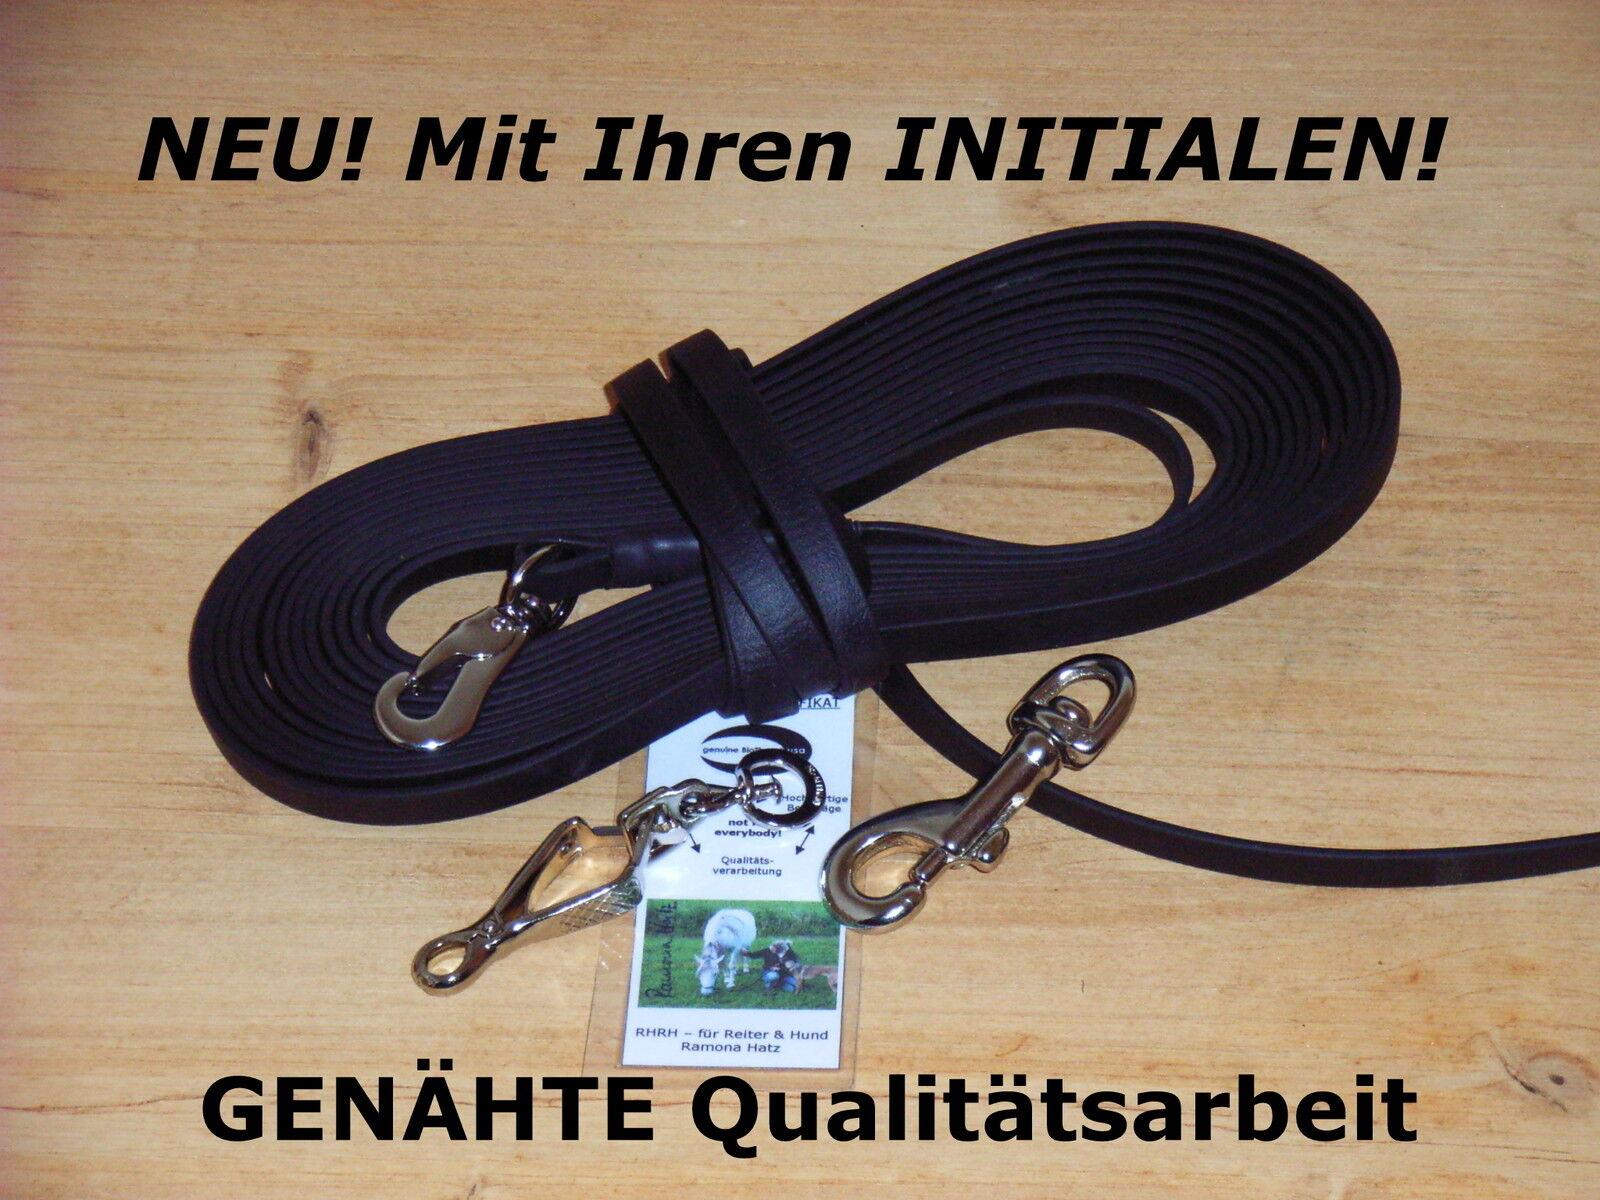 12m BioThane Schleppleine Sprenger Sprenger Sprenger schwarz 16mm Schweissleine Suchleine    Outlet Online Store  9c2f27